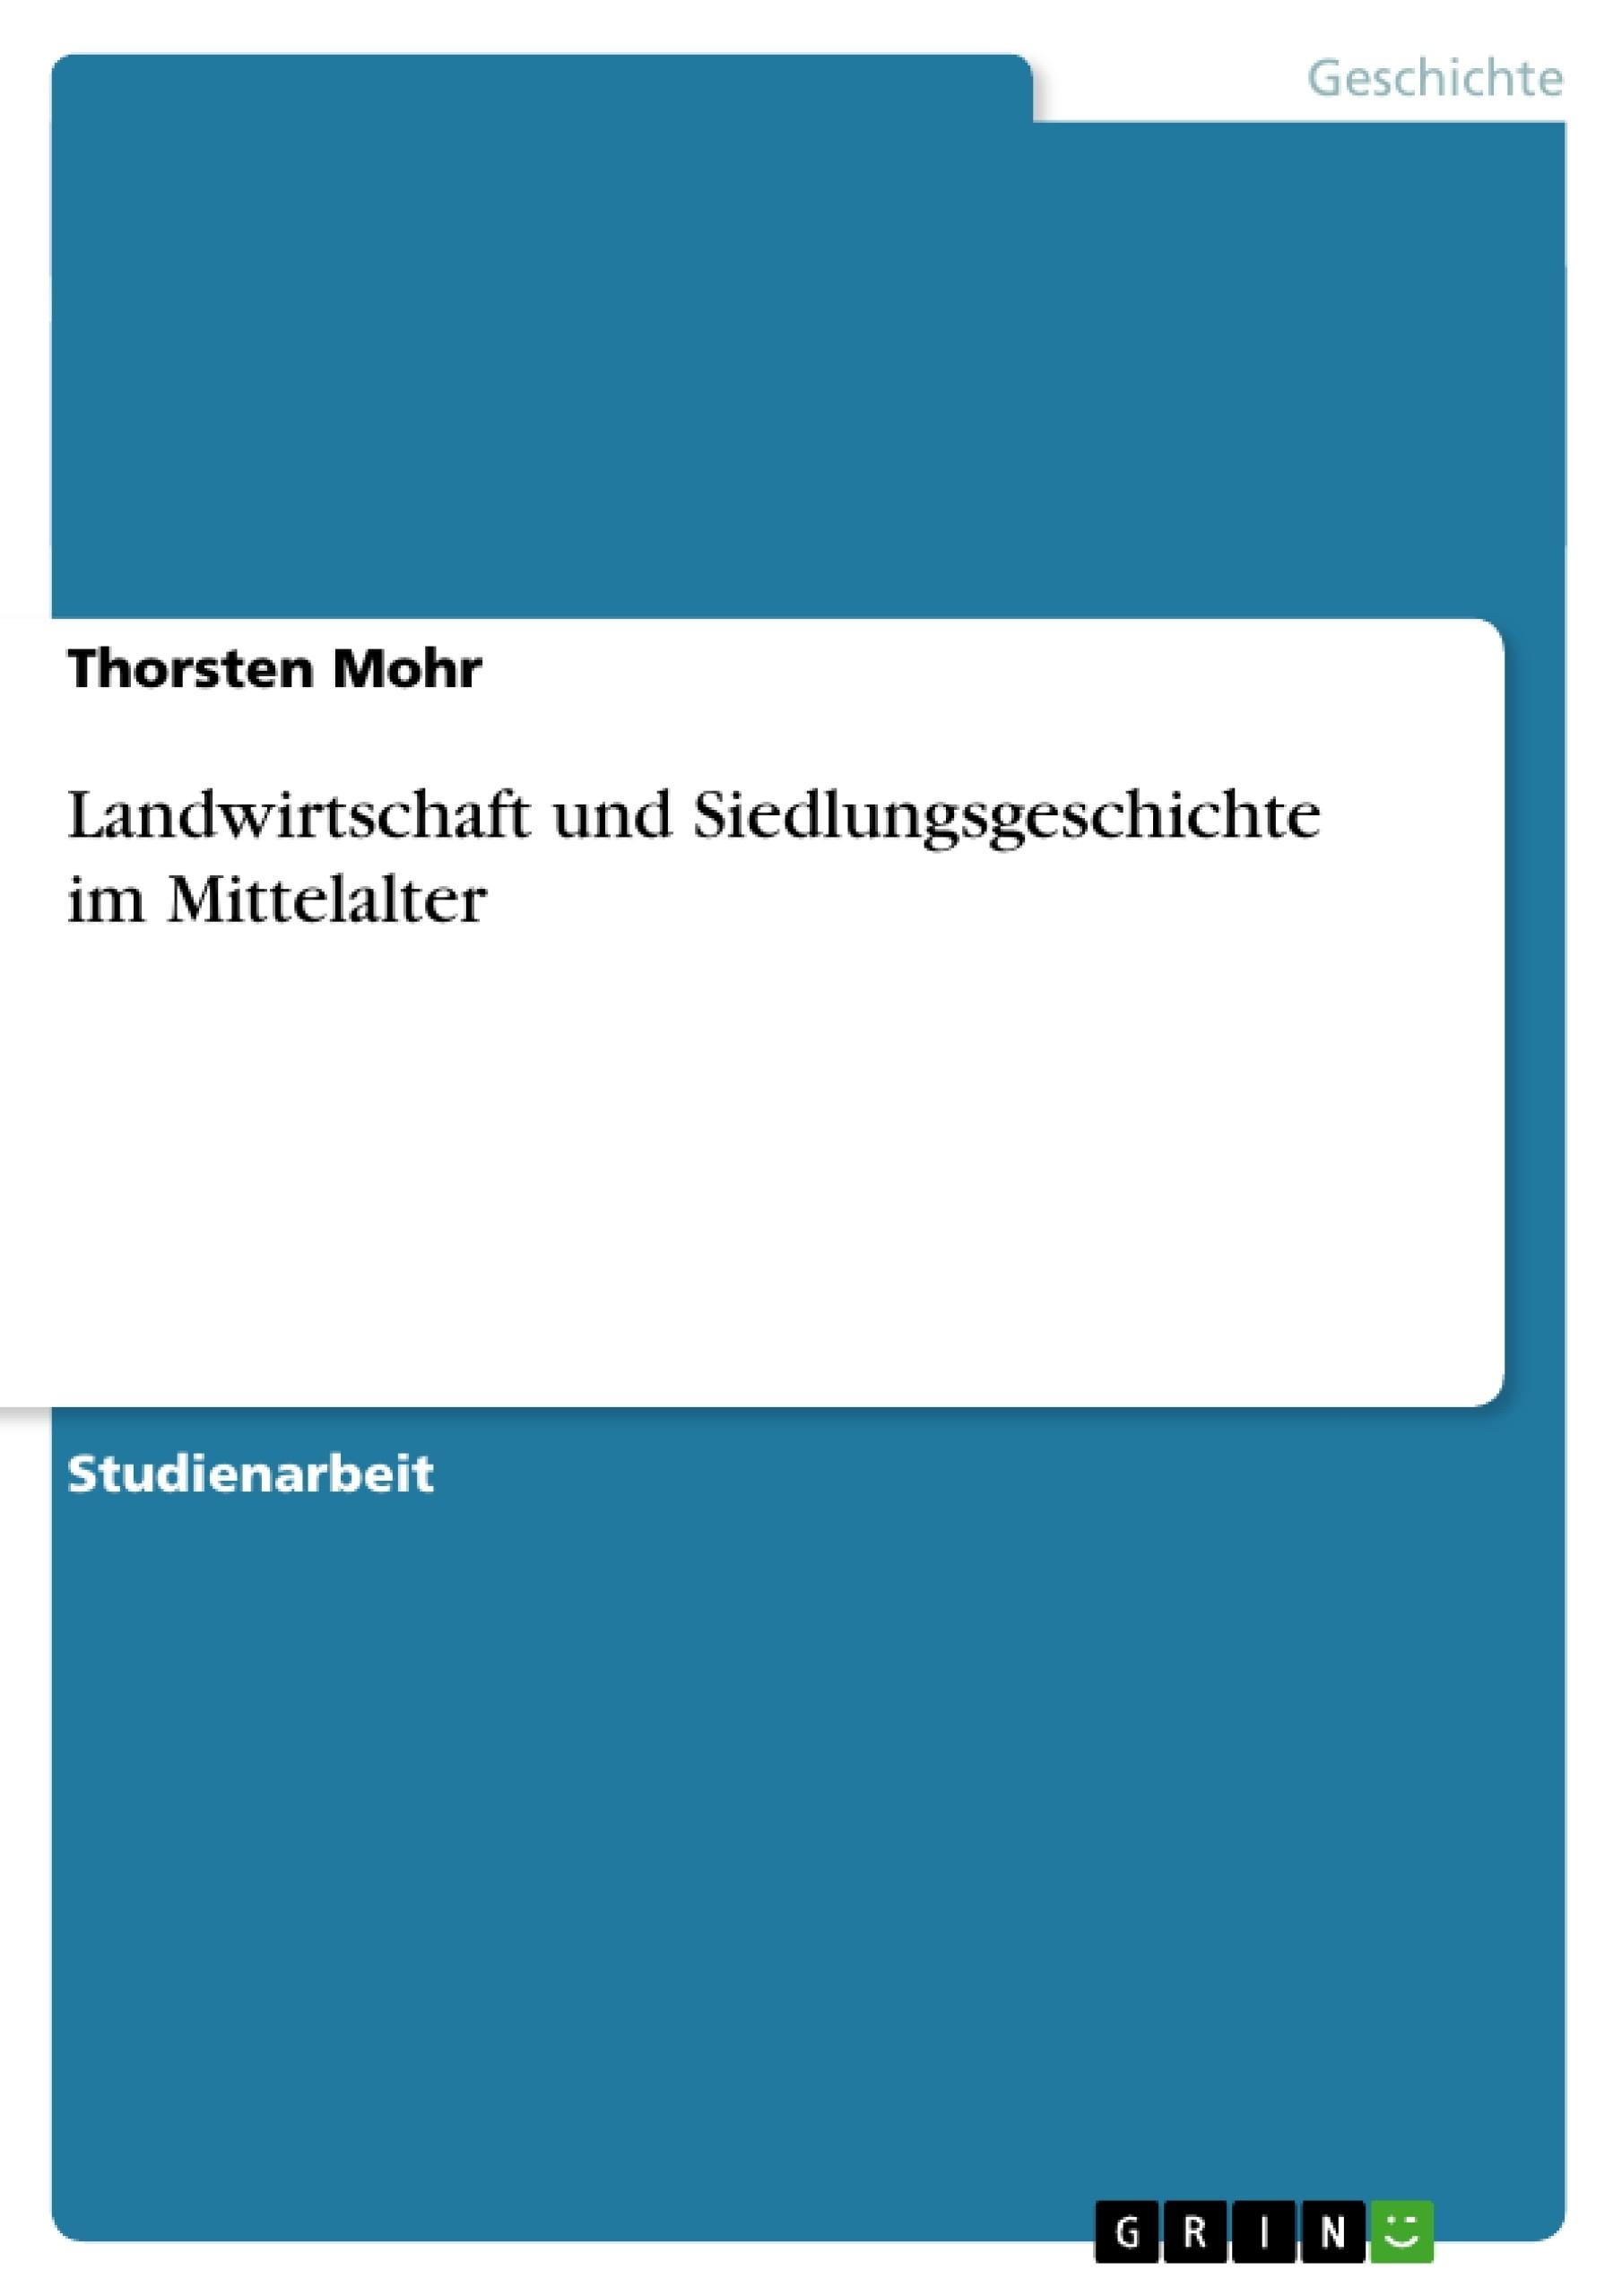 Titel: Landwirtschaft und Siedlungsgeschichte im Mittelalter